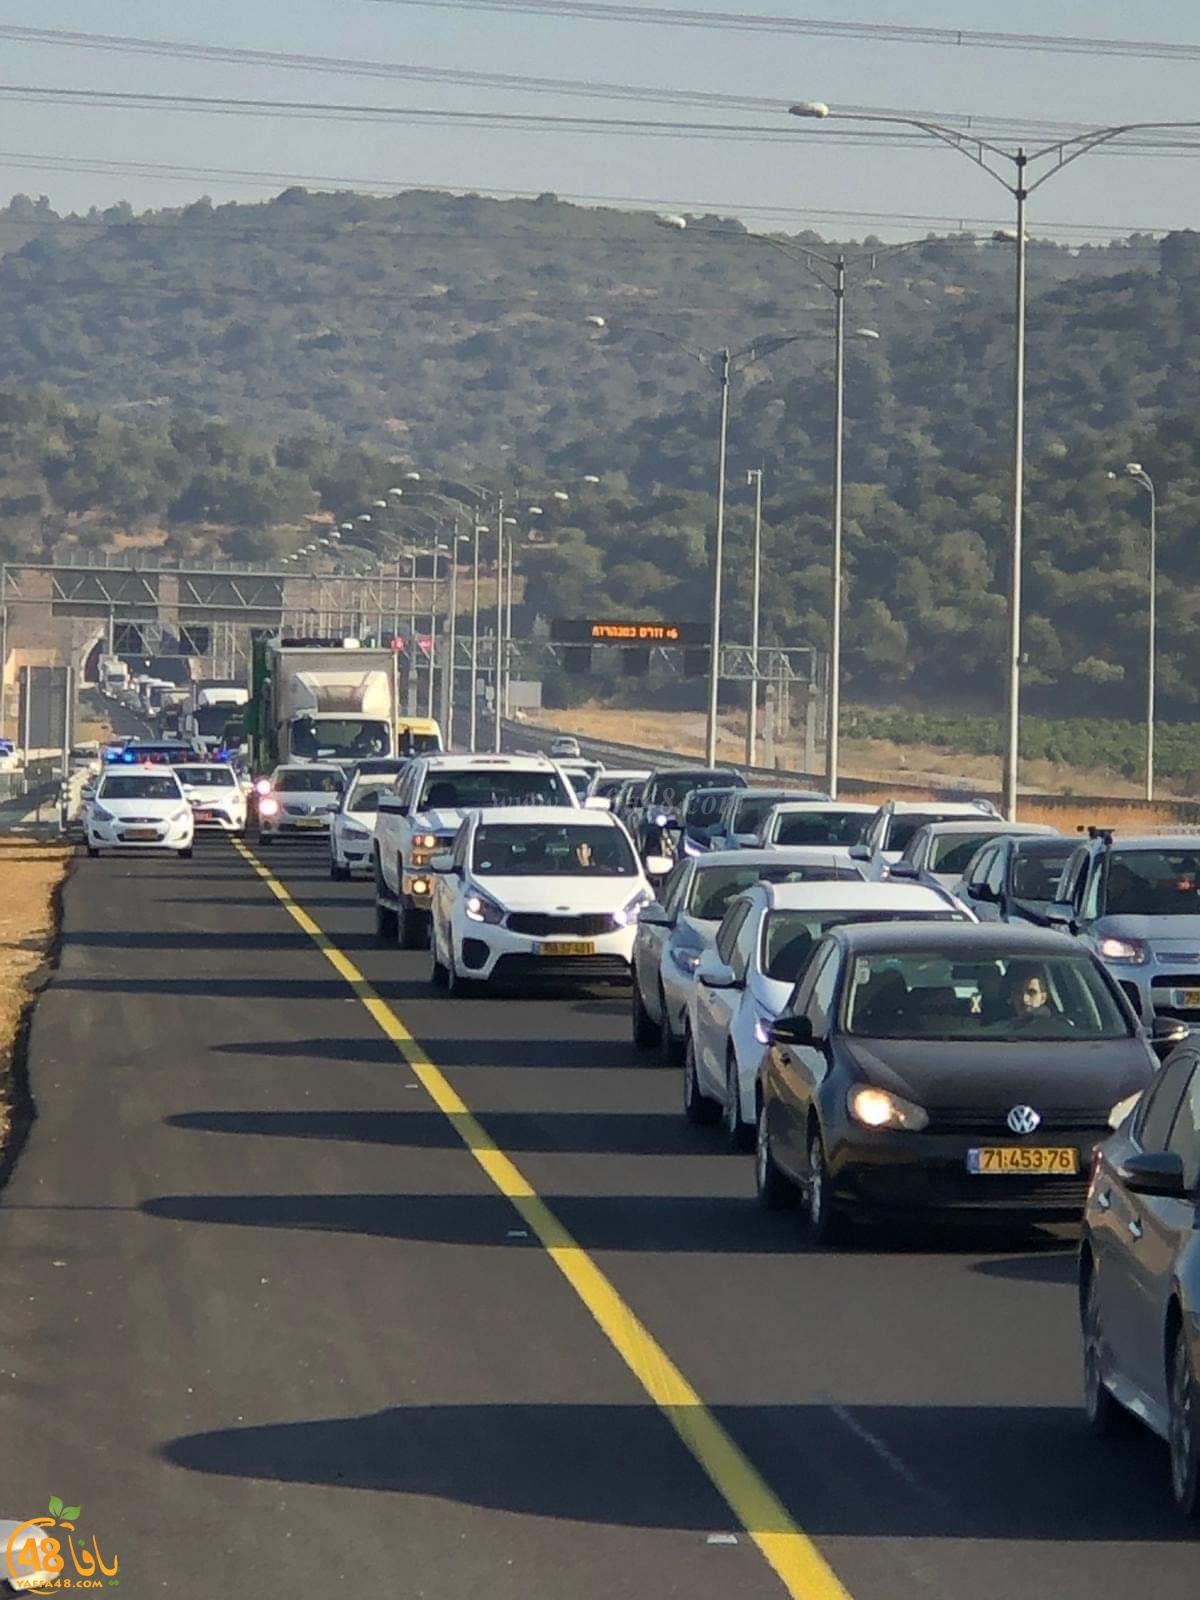 احتجاجا على استفحال العنف - انطلاق قافلة السيارات باتجاه القدس ومباني الحكومة الإسرائيلية